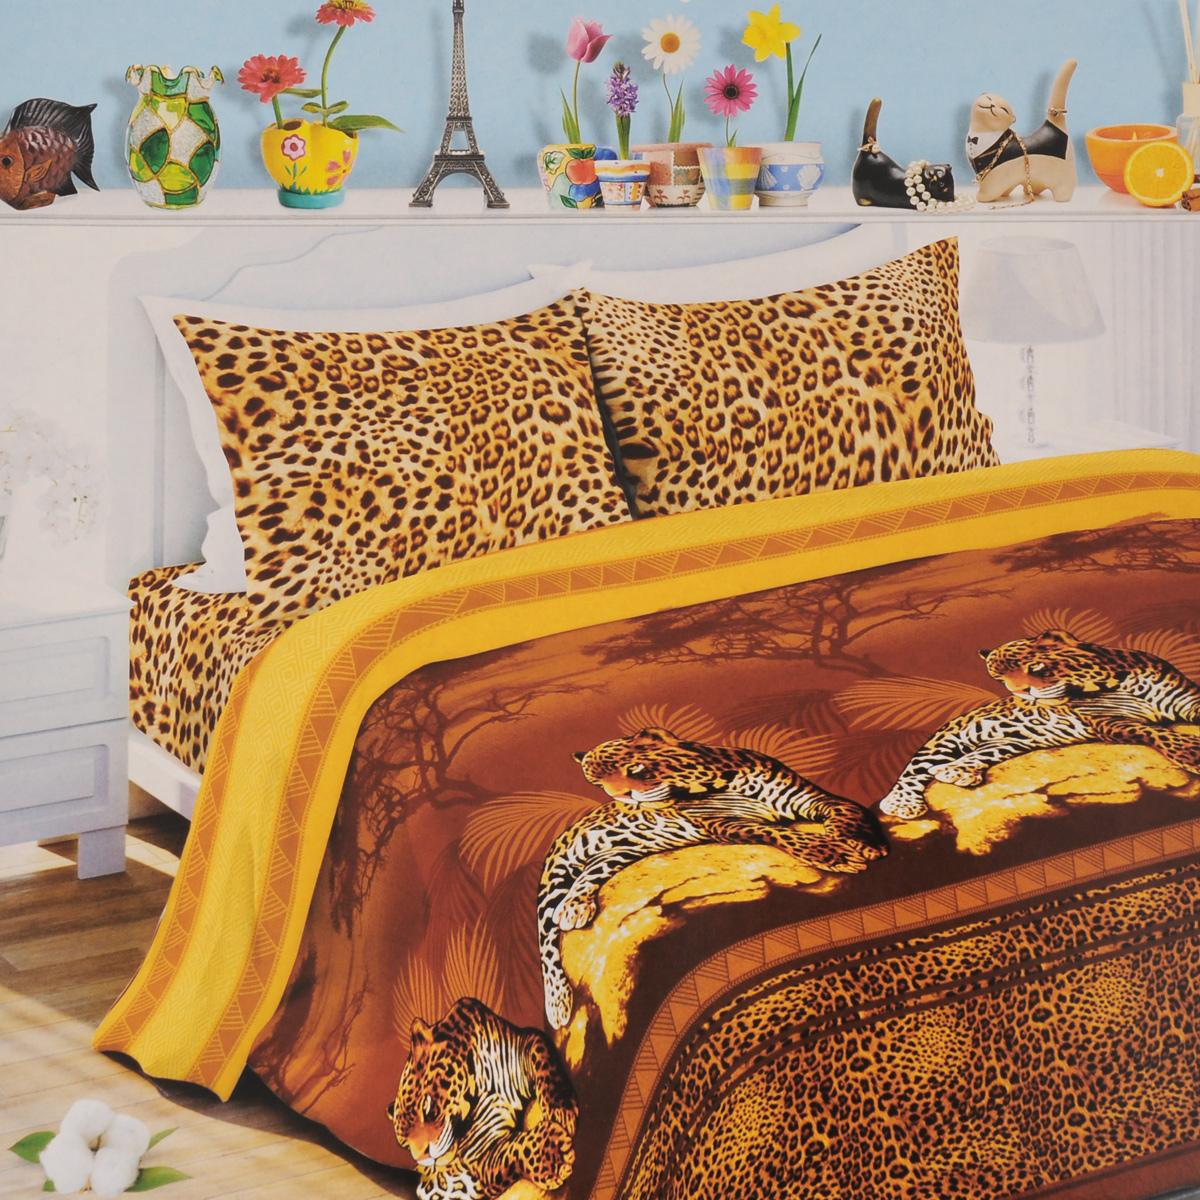 Комплект белья Любимый дом Камерун, 2-спальный, наволочки 70х70, цвет: коричневый, желтый, темно-коричневый. 321418321418Комплект постельного белья Любимый дом Камерун состоит из пододеяльника, простыни и двух наволочек. Постельное белье оформлено оригинальным рисунком и имеет изысканный внешний вид. Белье изготовлено из новой ткани Биокомфорт, отвечающей всем необходимым нормативным стандартам. Биокомфорт - это ткань полотняного переплетения, из экологически чистого и натурального 100% хлопка. Неоспоримым плюсом белья из такой ткани является мягкость и легкость, она прекрасно пропускает воздух, приятна на ощупь, не образует катышков на поверхности и за ней легко ухаживать. При соблюдении рекомендаций по уходу, это белье выдерживает много стирок, не линяет и не теряет свою первоначальную прочность. Уникальная ткань обеспечивает легкую глажку. Приобретая комплект постельного белья Любимый дом Камерун, вы можете быть уверены в том, что покупка доставит вам и вашим близким удовольствие и подарит максимальный комфорт.